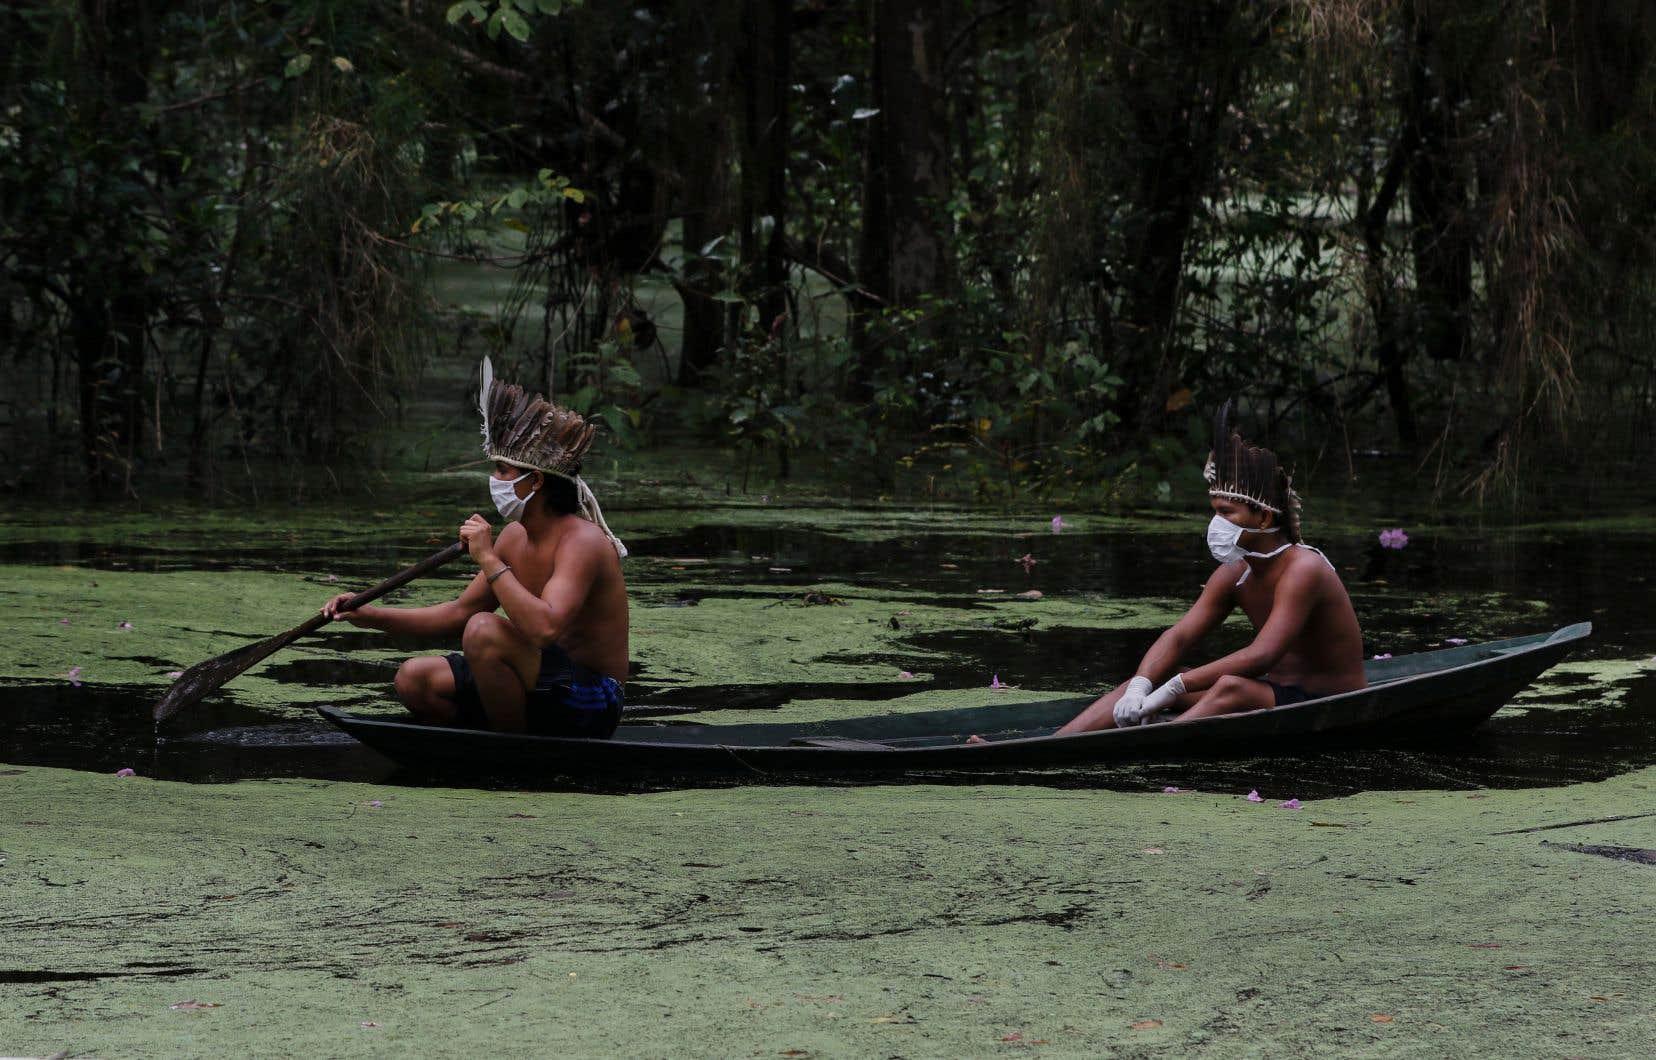 L'attitude frondeuse de Jair Bolsonaro en Amazonie survient alors que le président est au plus bas dans les sondages en raison de sa gestion chaotique de la pandémie de COVID-19 au Brésil. Le politicien perd ses appuis politiques et cherche donc à renouer avec sa base.